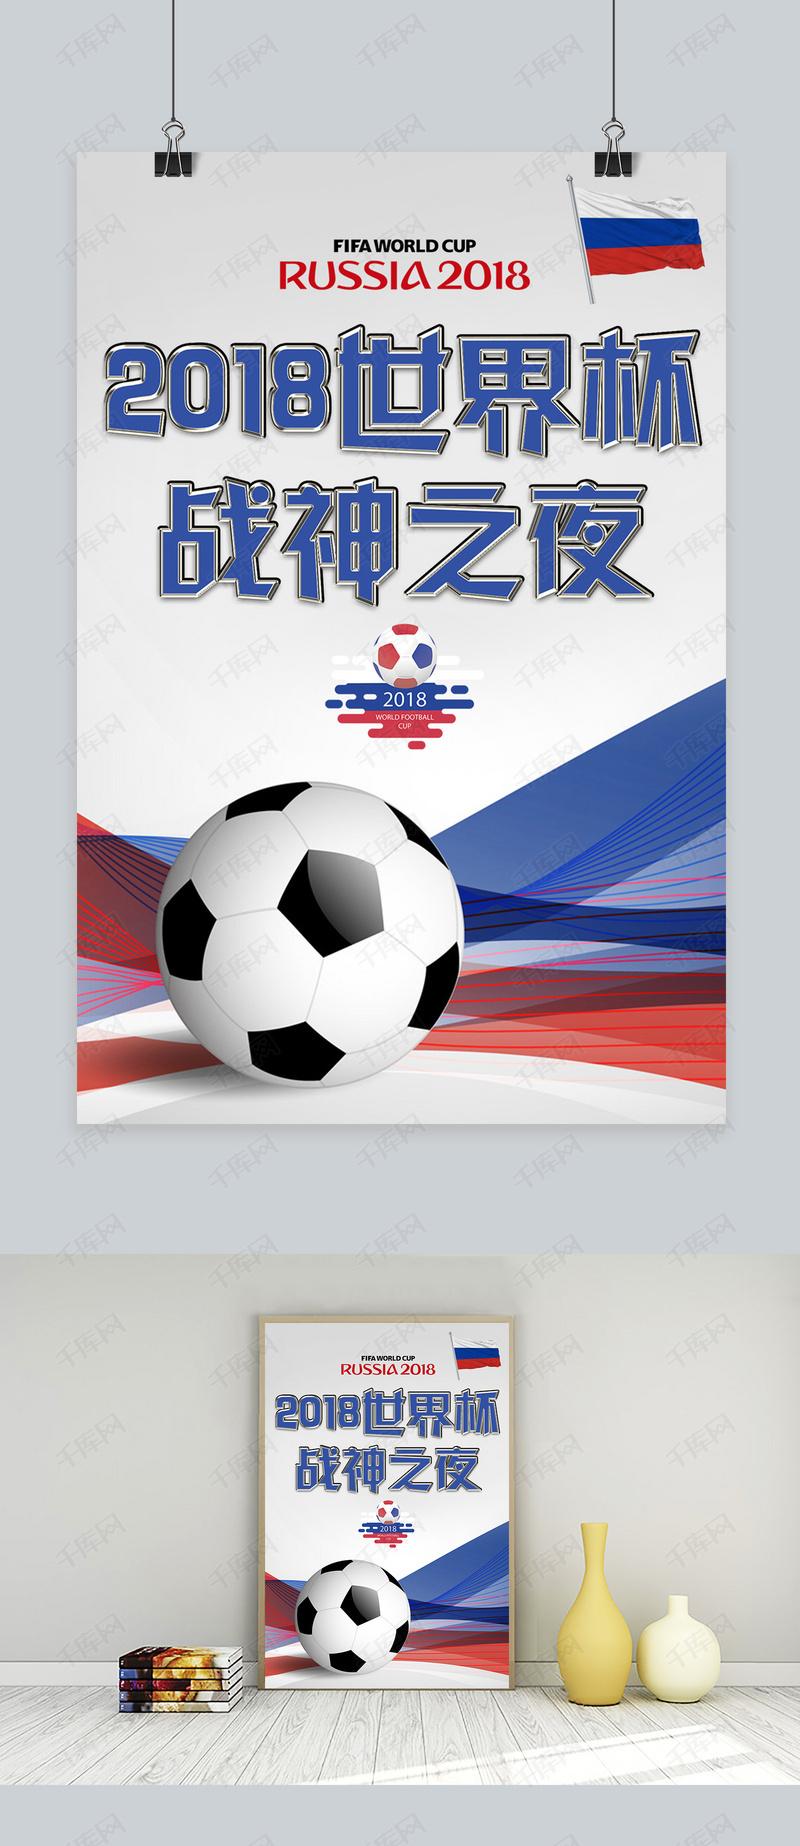 千库原创世界杯足球海报